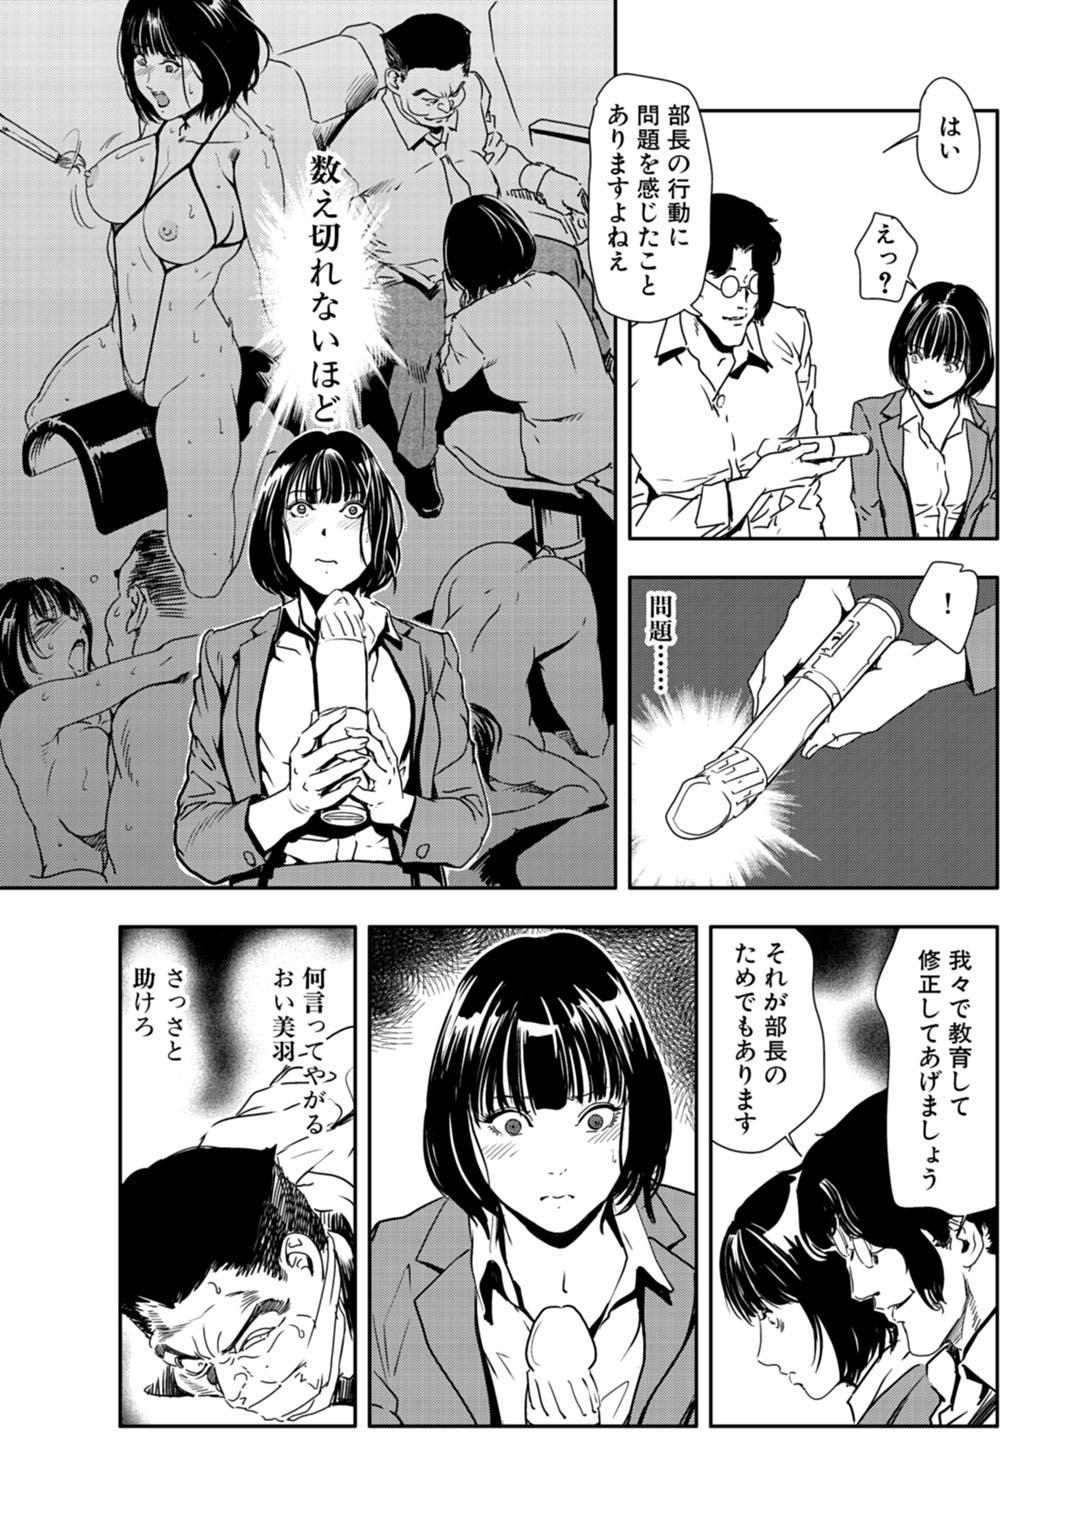 Nikuhisyo Yukiko 25 79